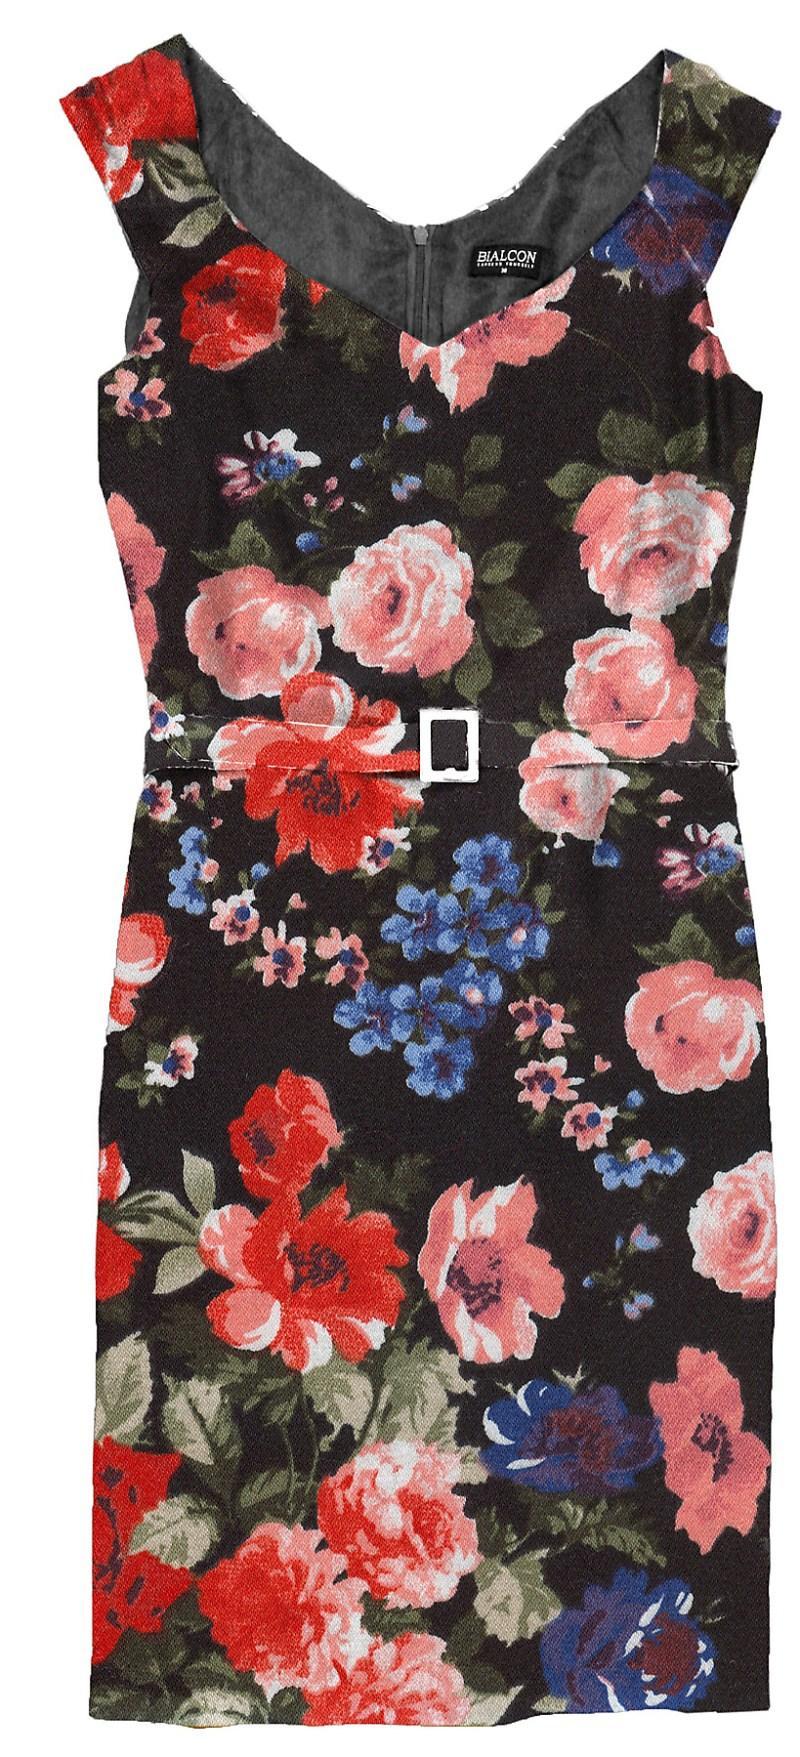 czarna sukienka Bialcon w kwiaty - moda wiosna/lato